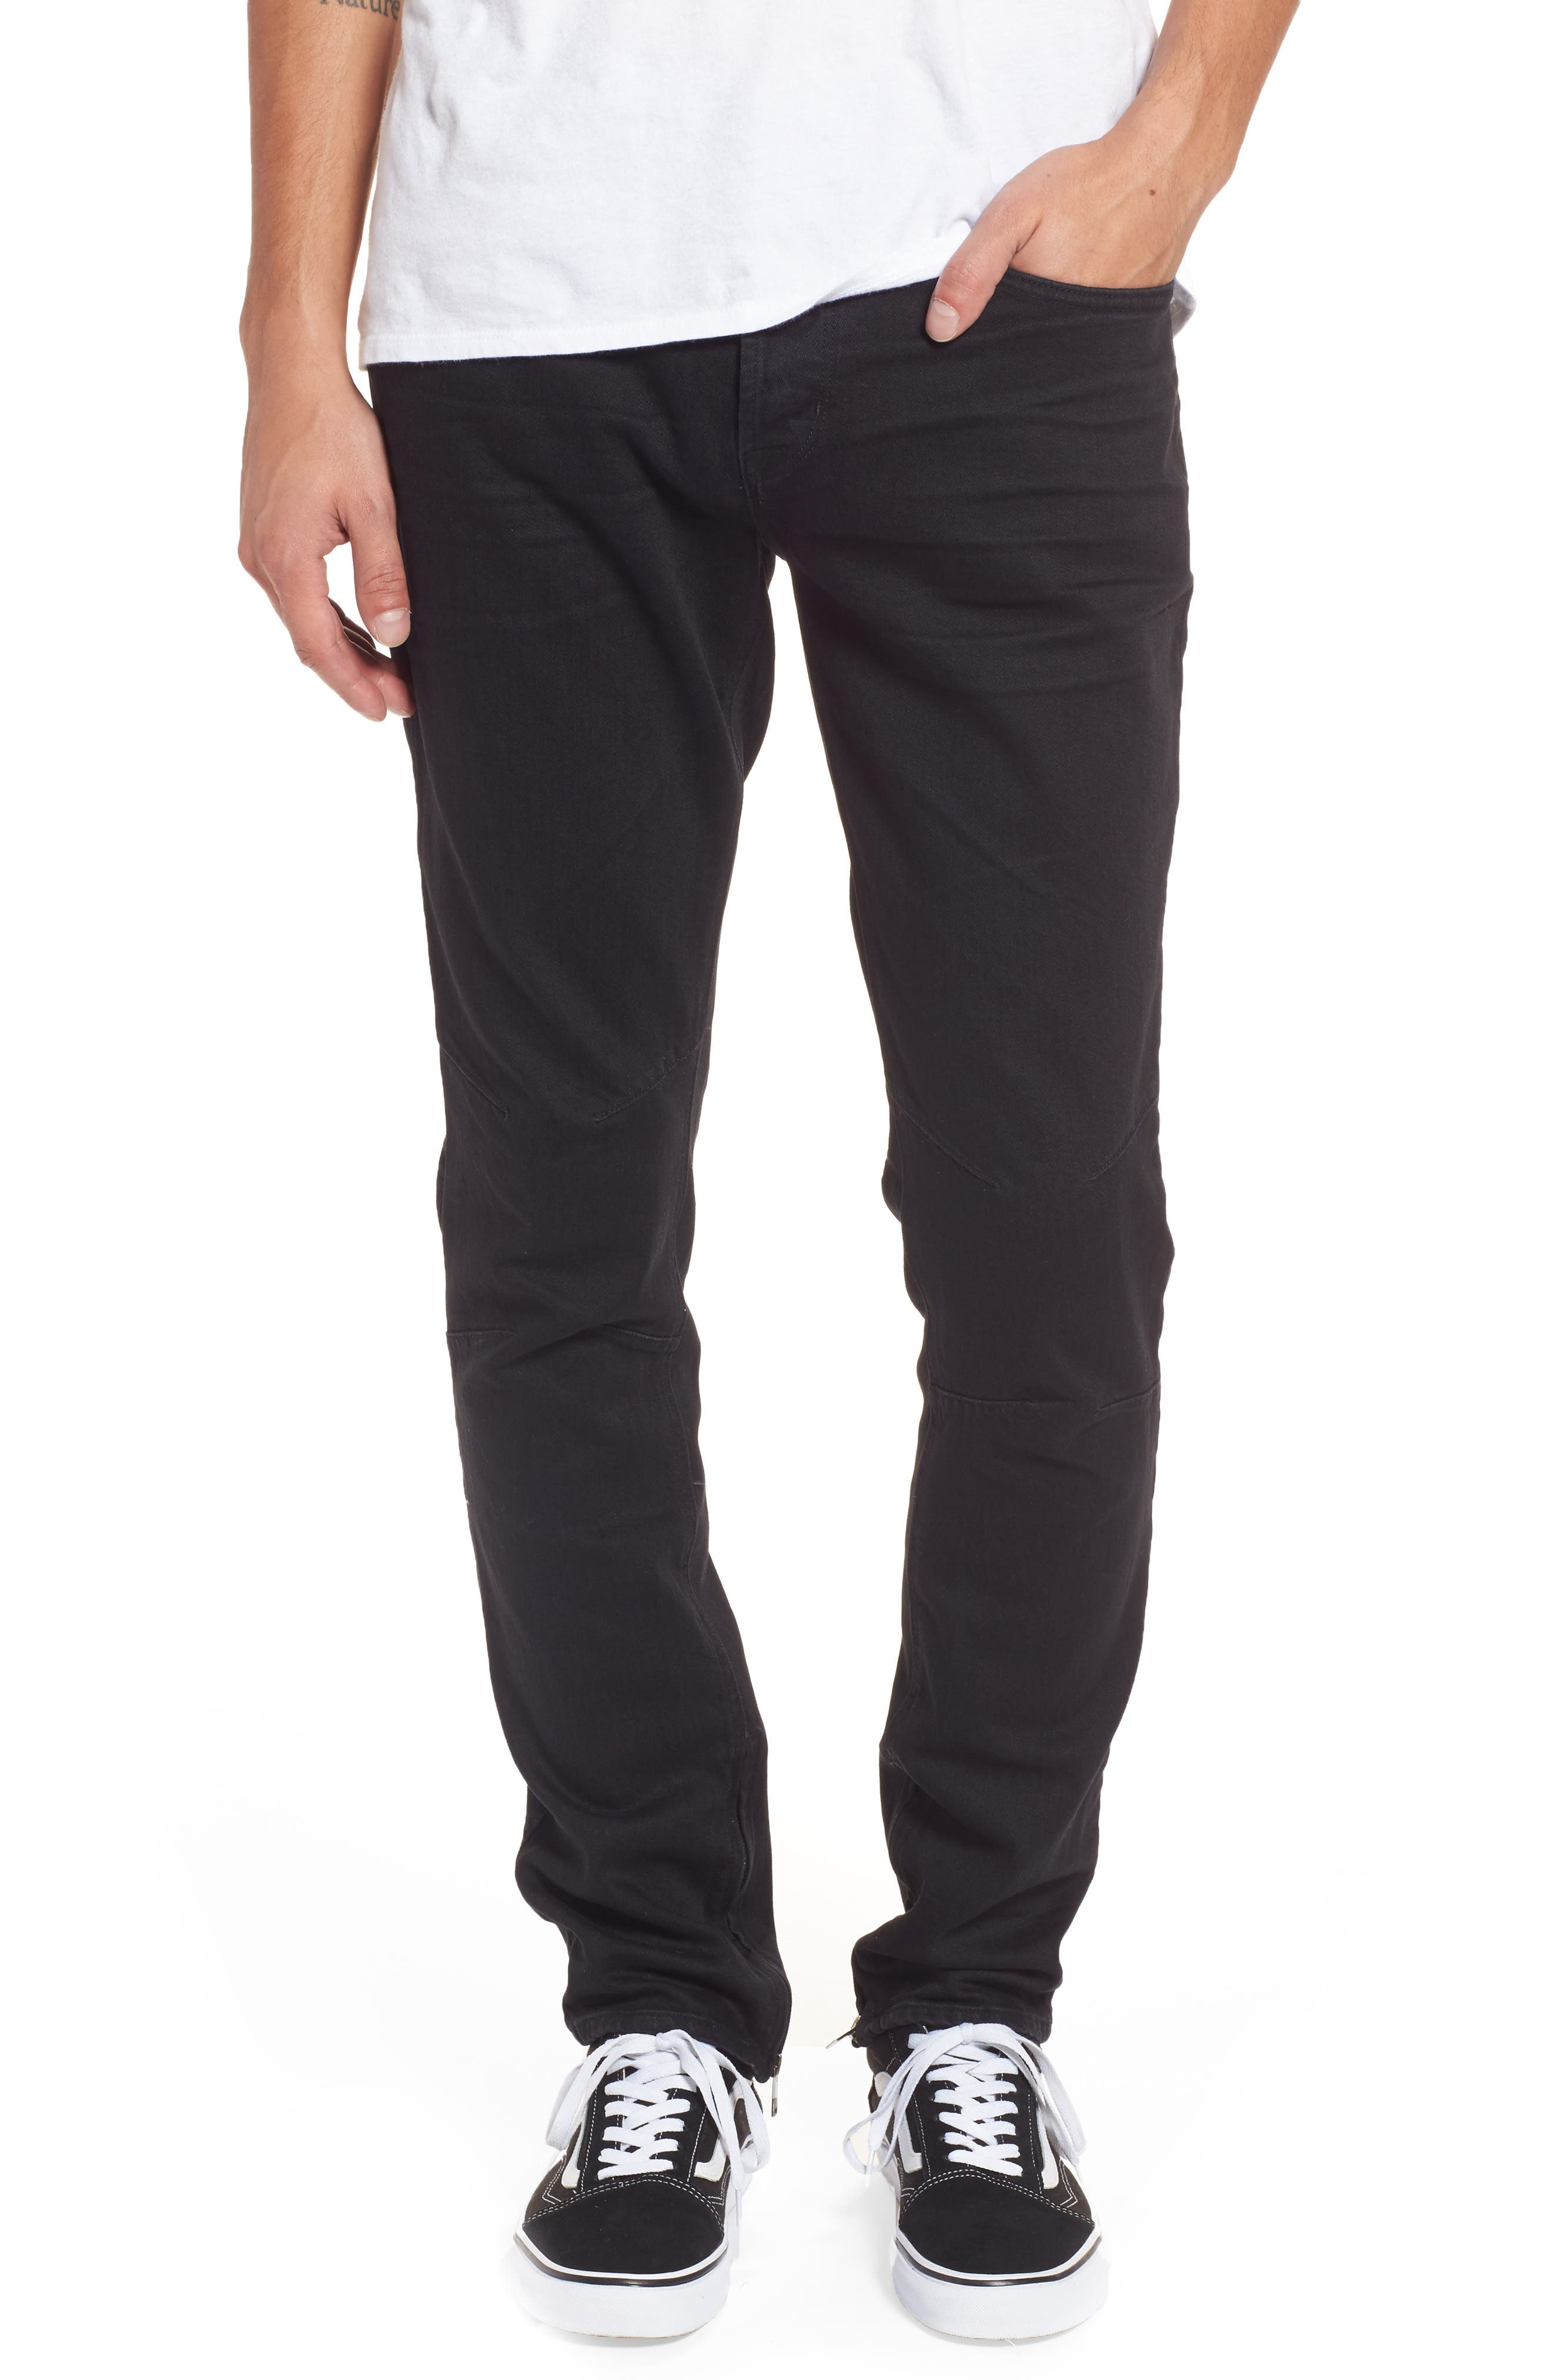 Main Image - Hudson Jeans Vaughn Biker Skinny Fit Jeans (Gamble)